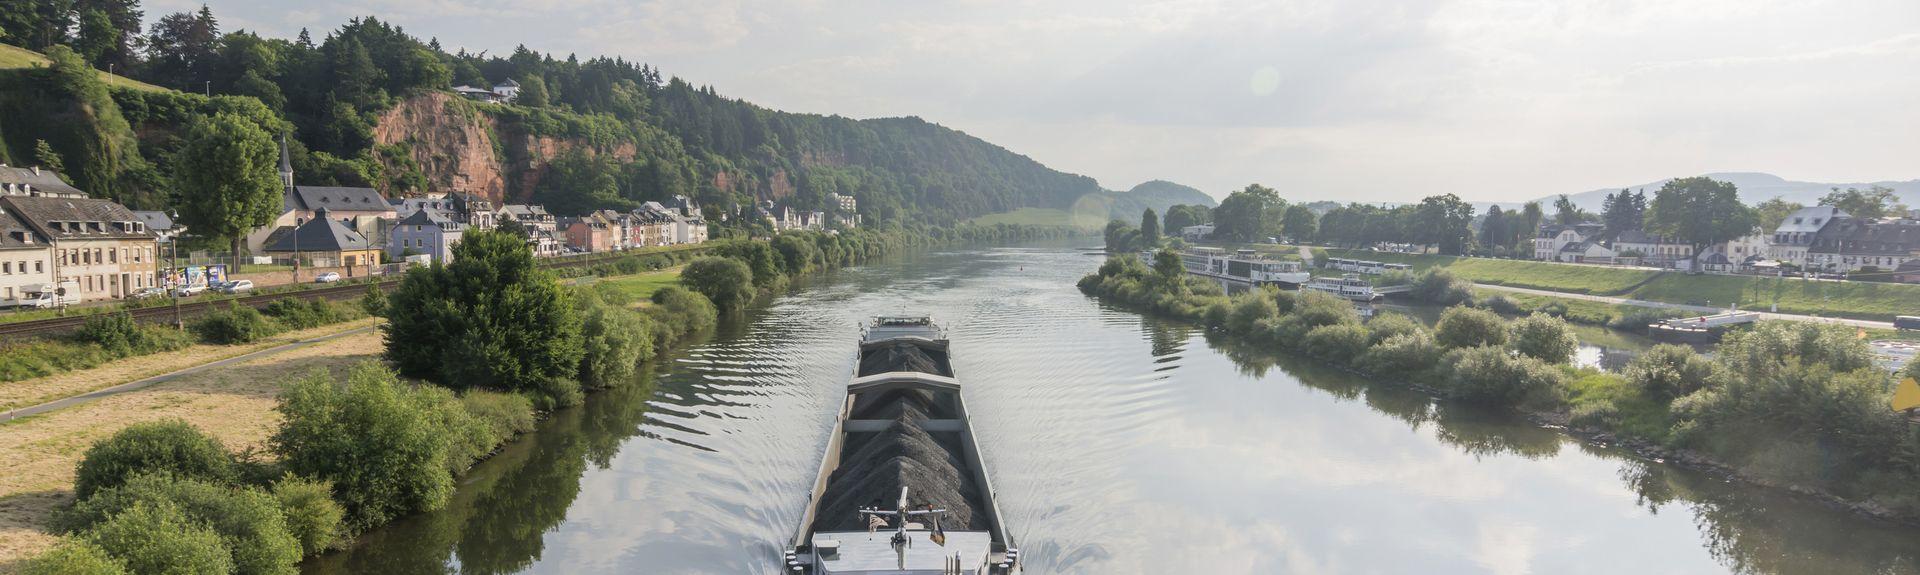 Trier, Renania - Palatinato, Germania